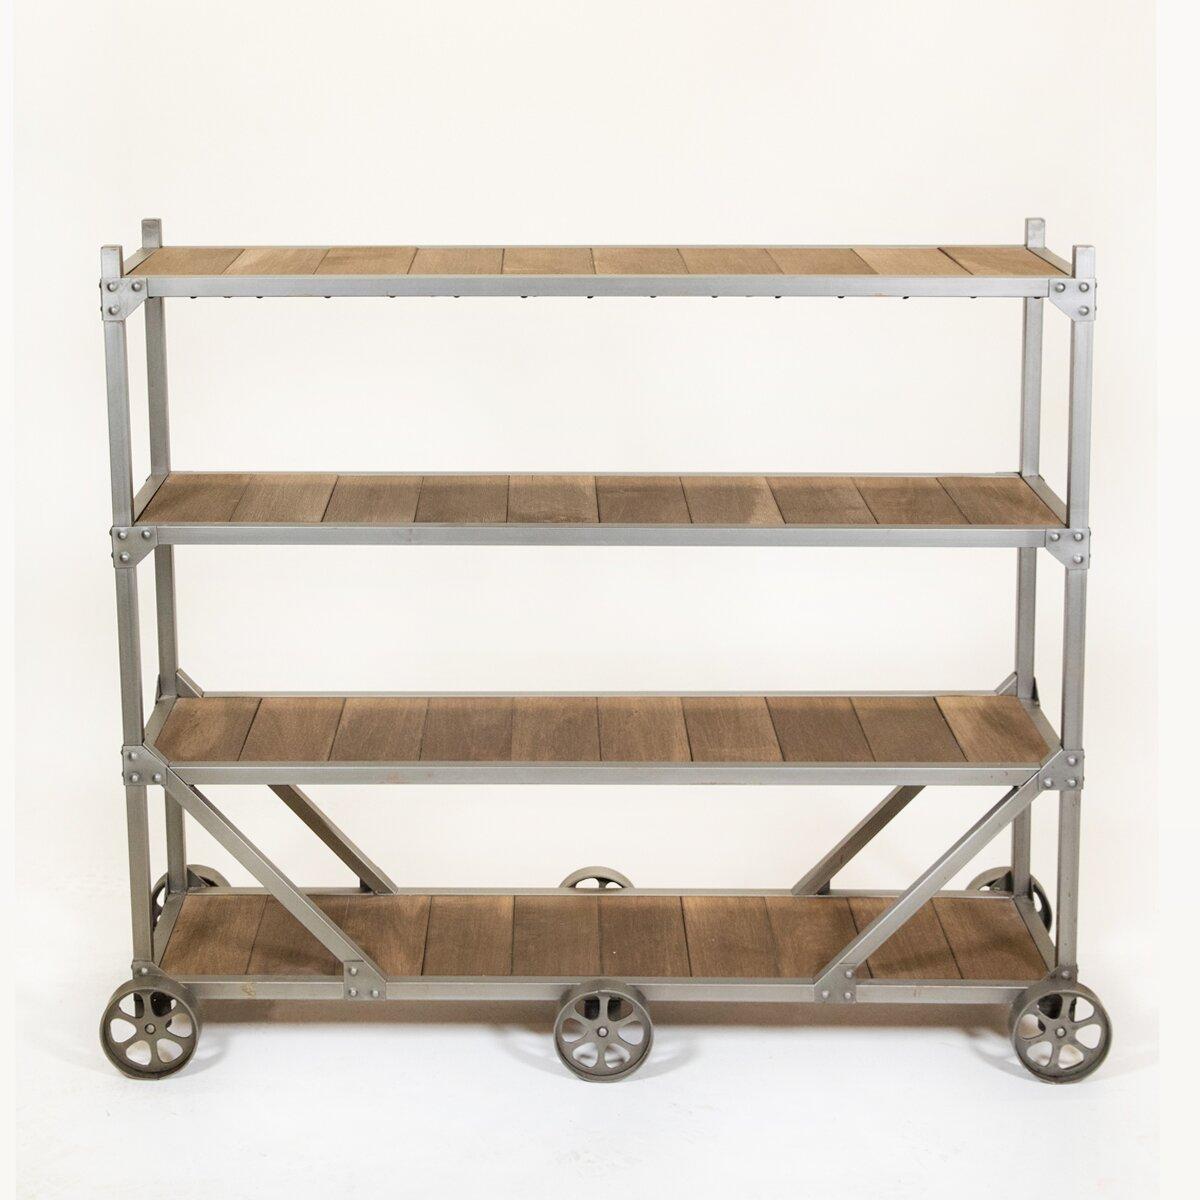 Rezfurniture Stationary Serving Cart Wayfair